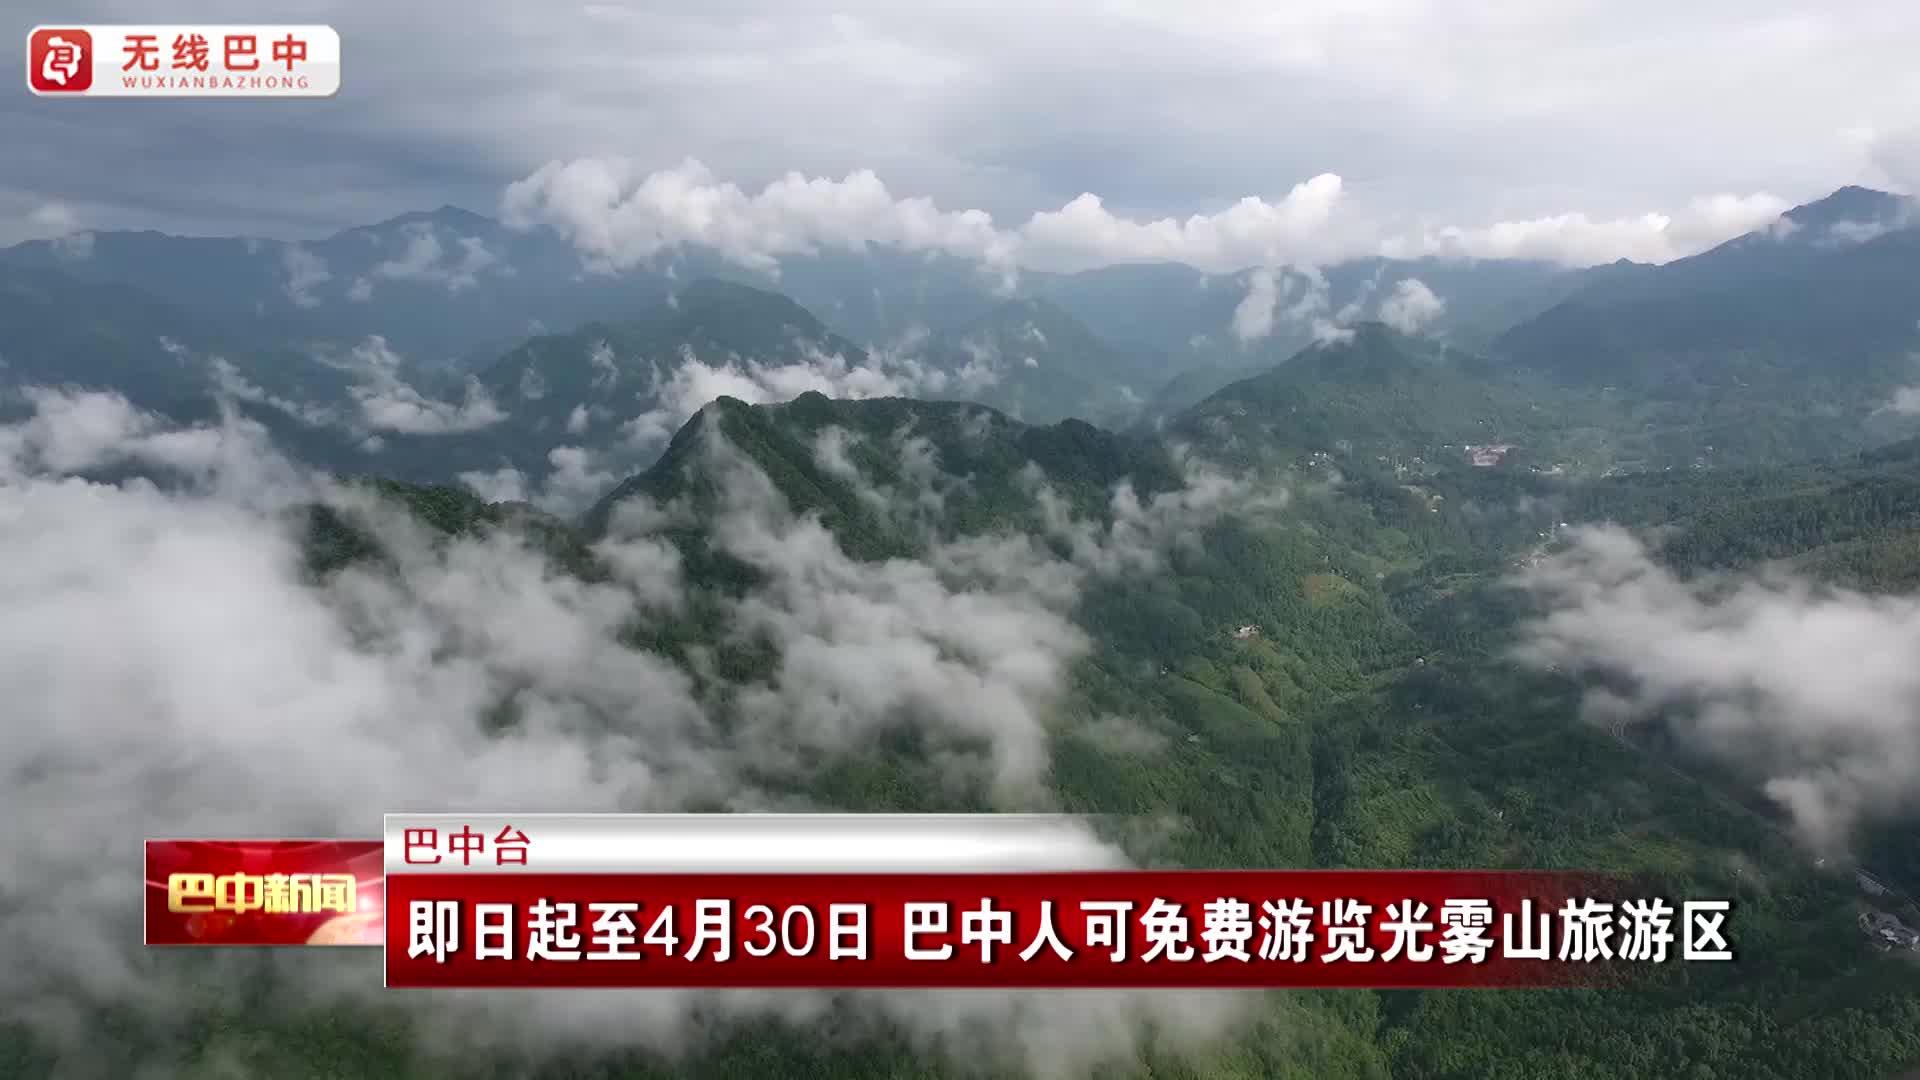 即日起至4月30日 巴中人可免费游览光雾山旅游区